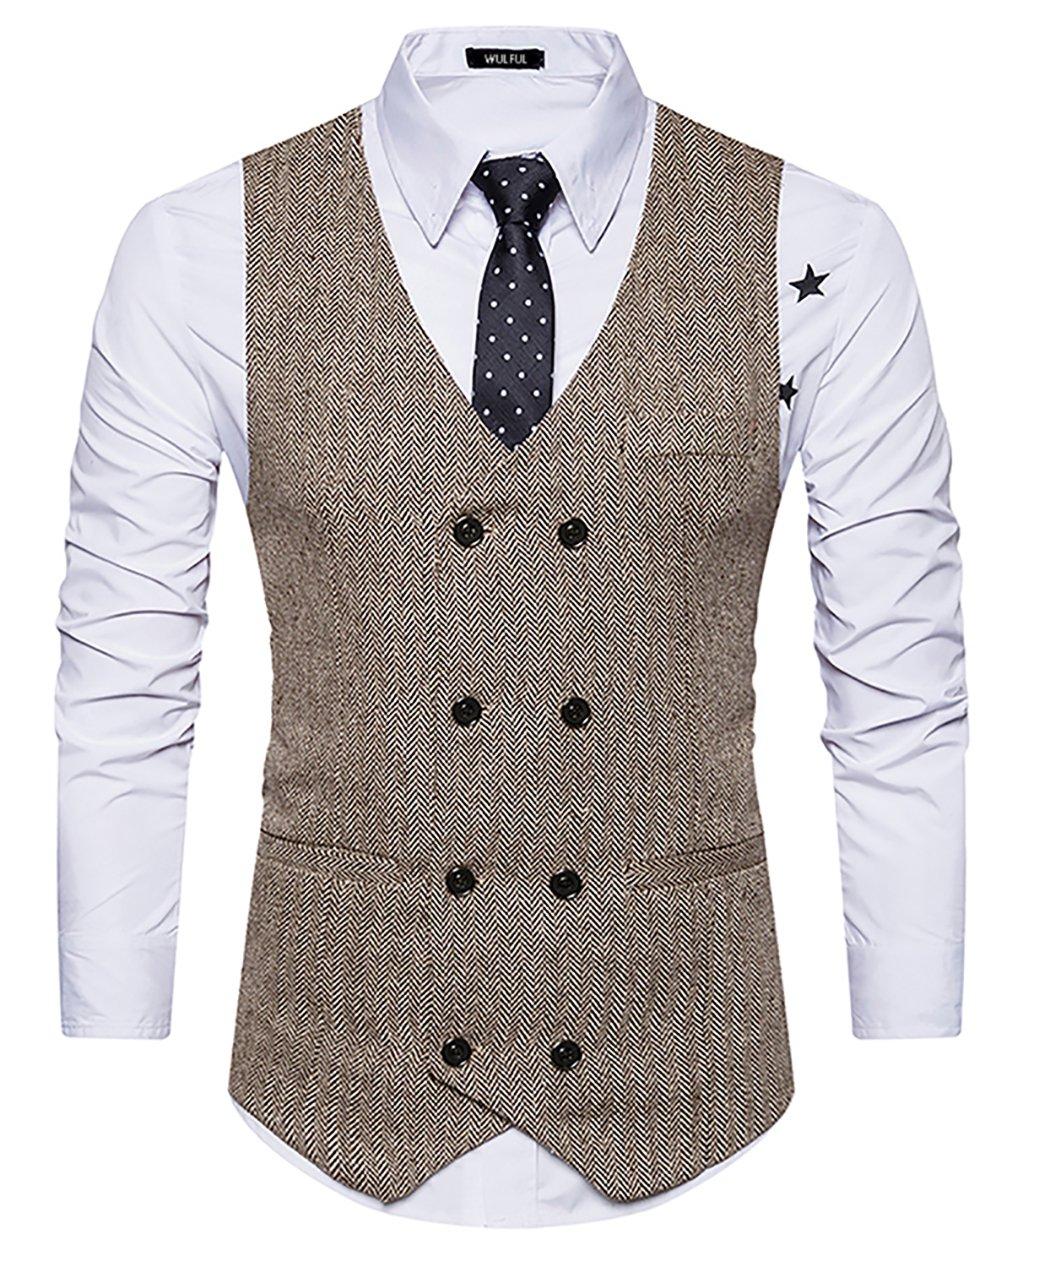 WULFUL Mens Slim Fit Double Breasted Tweed Waistcoat Vintage Gentleman Suit Vest Khaki L by WULFUL